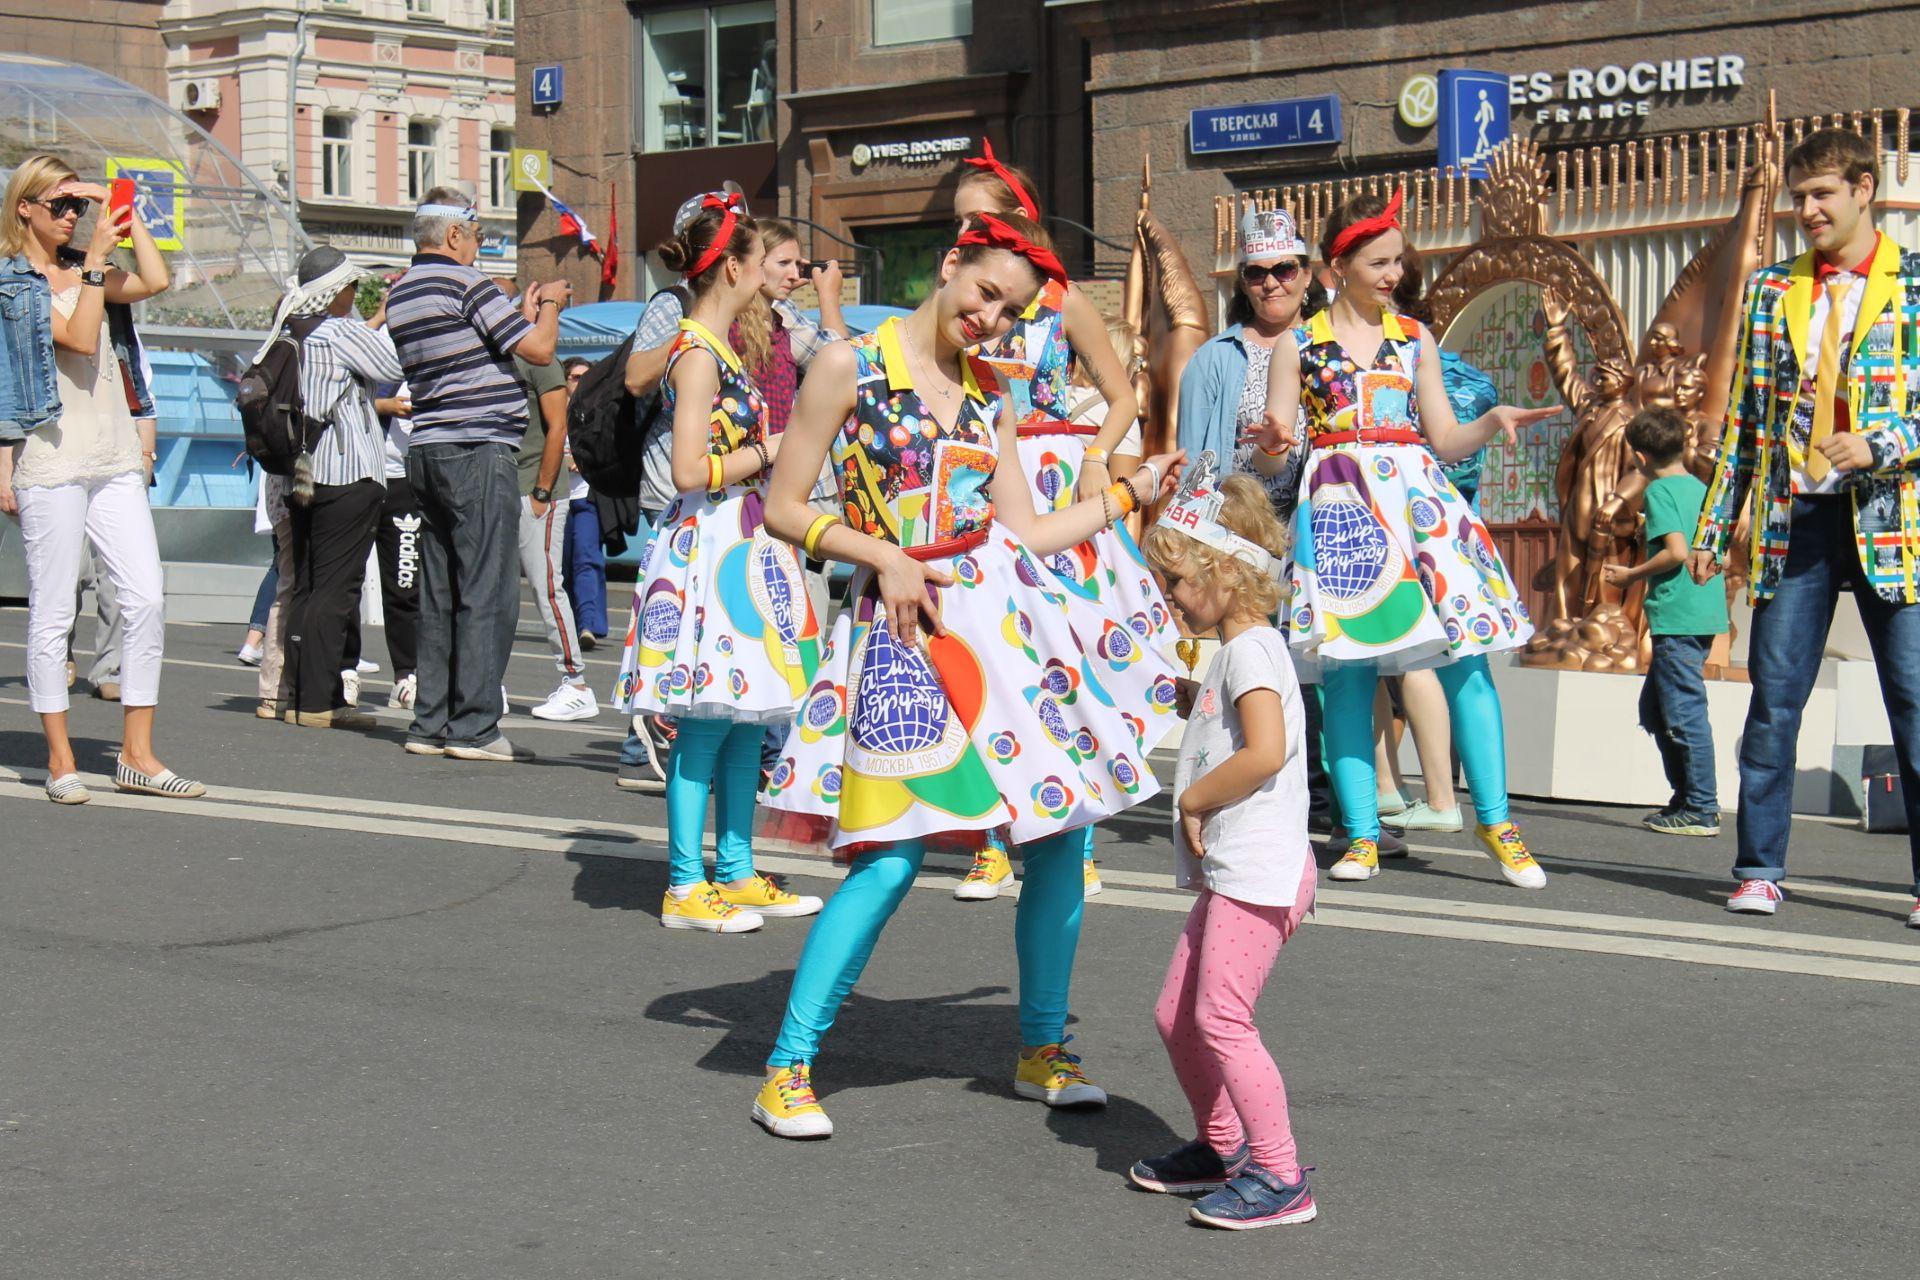 Уличные танцы на Тверской улице. Фото: Дарья Бруданова